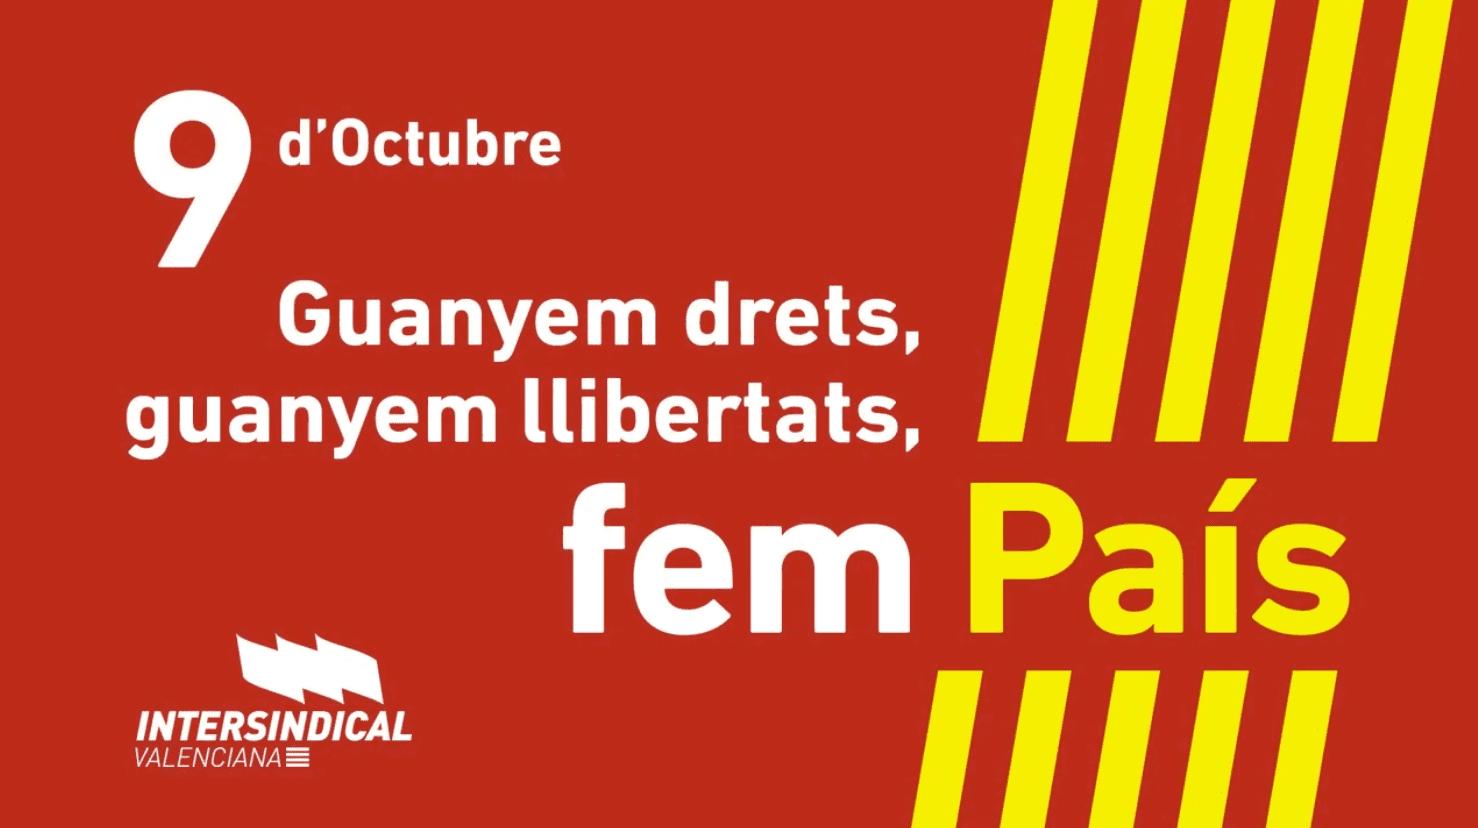 9 d'octubre 2020 - Guanyem drets, guanyem llibertats, fem País